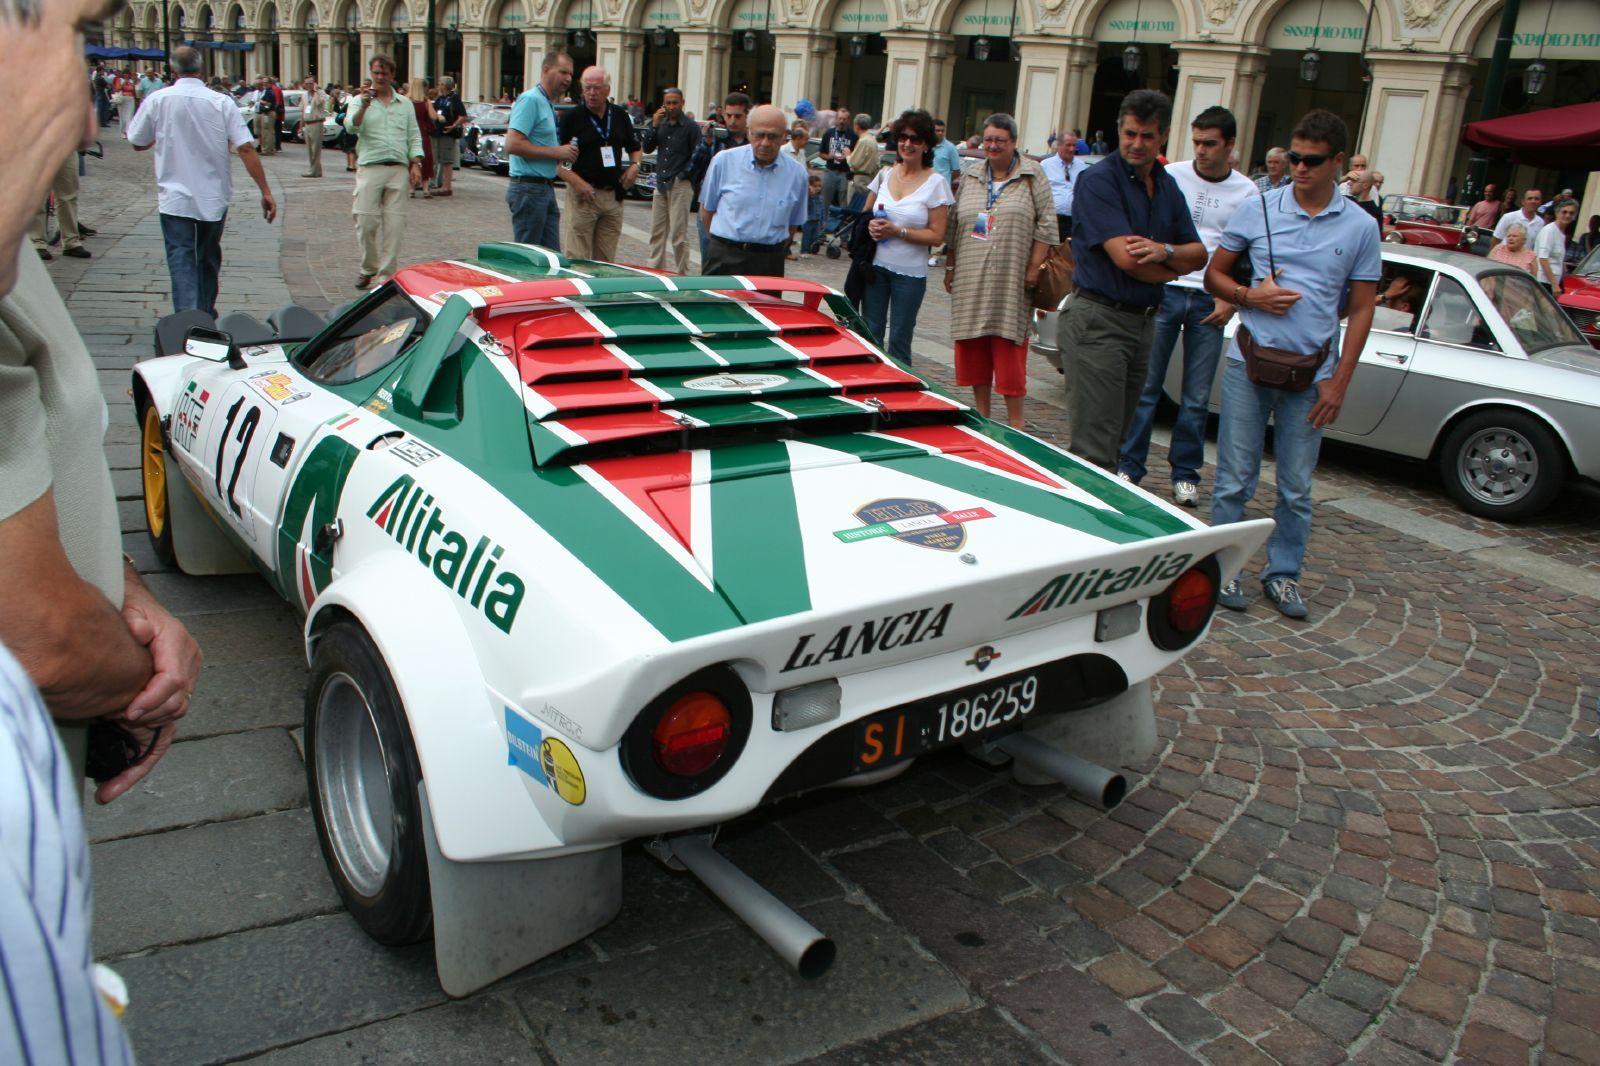 Lancia Stratos...Alitalia proud!